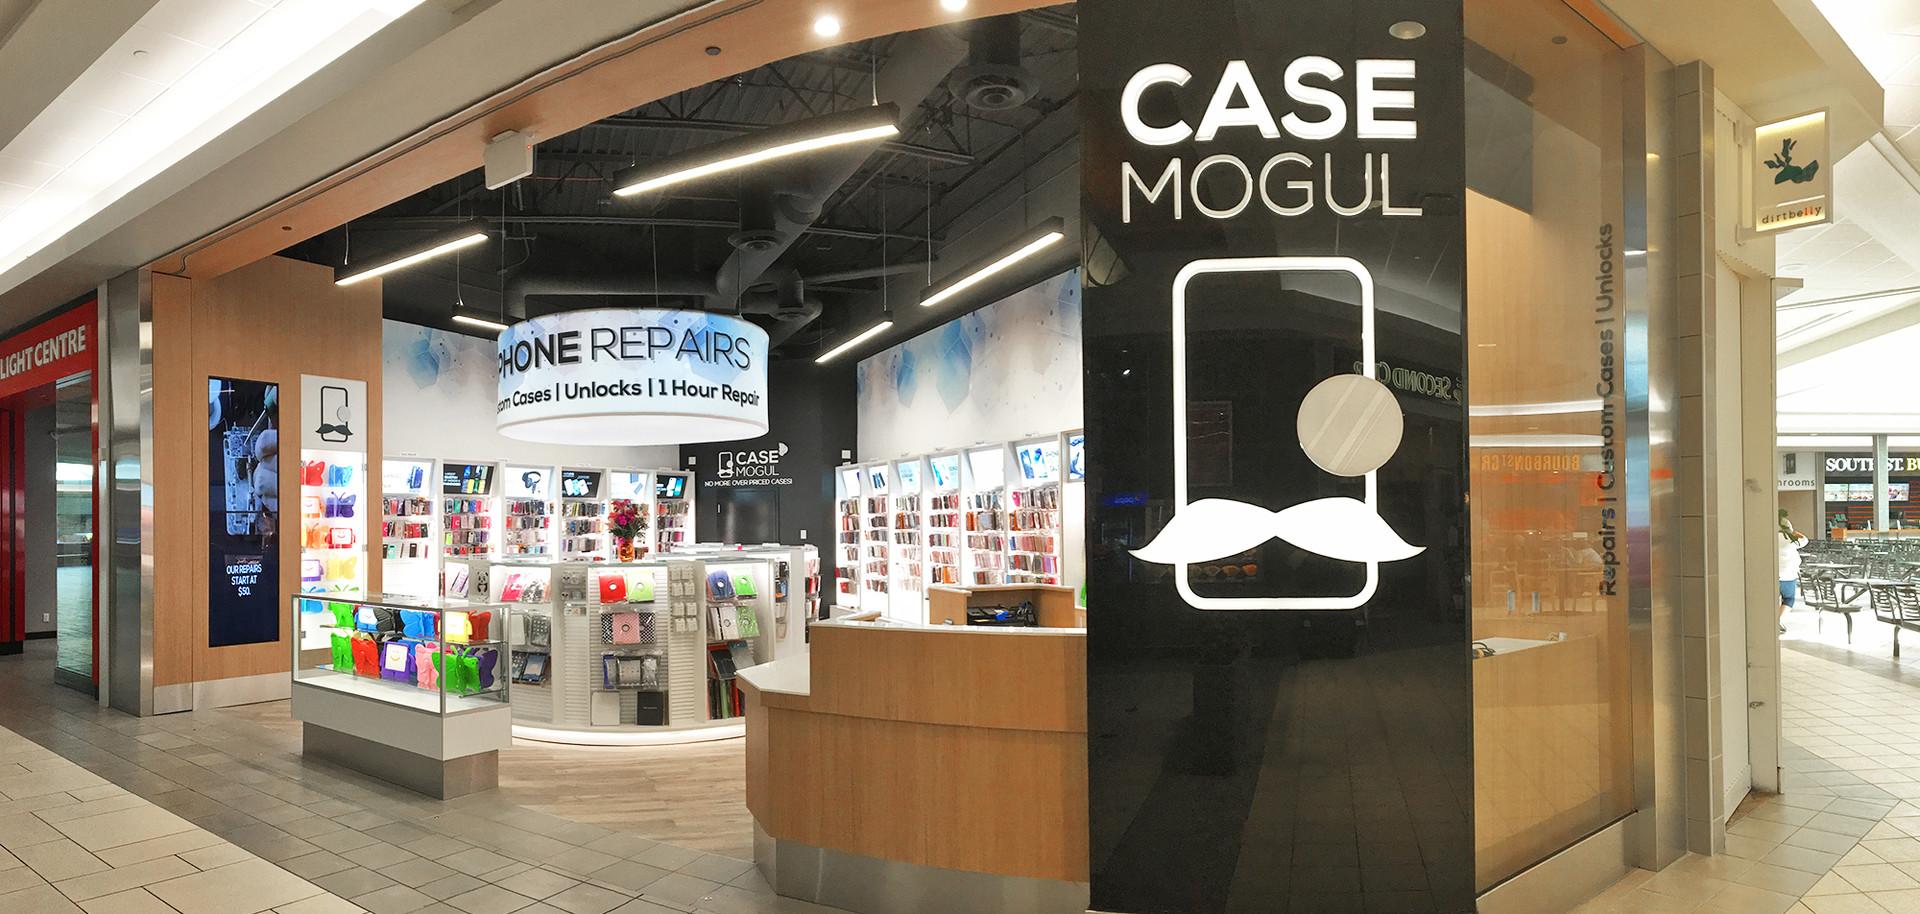 casemogul4-2000x1000.jpg